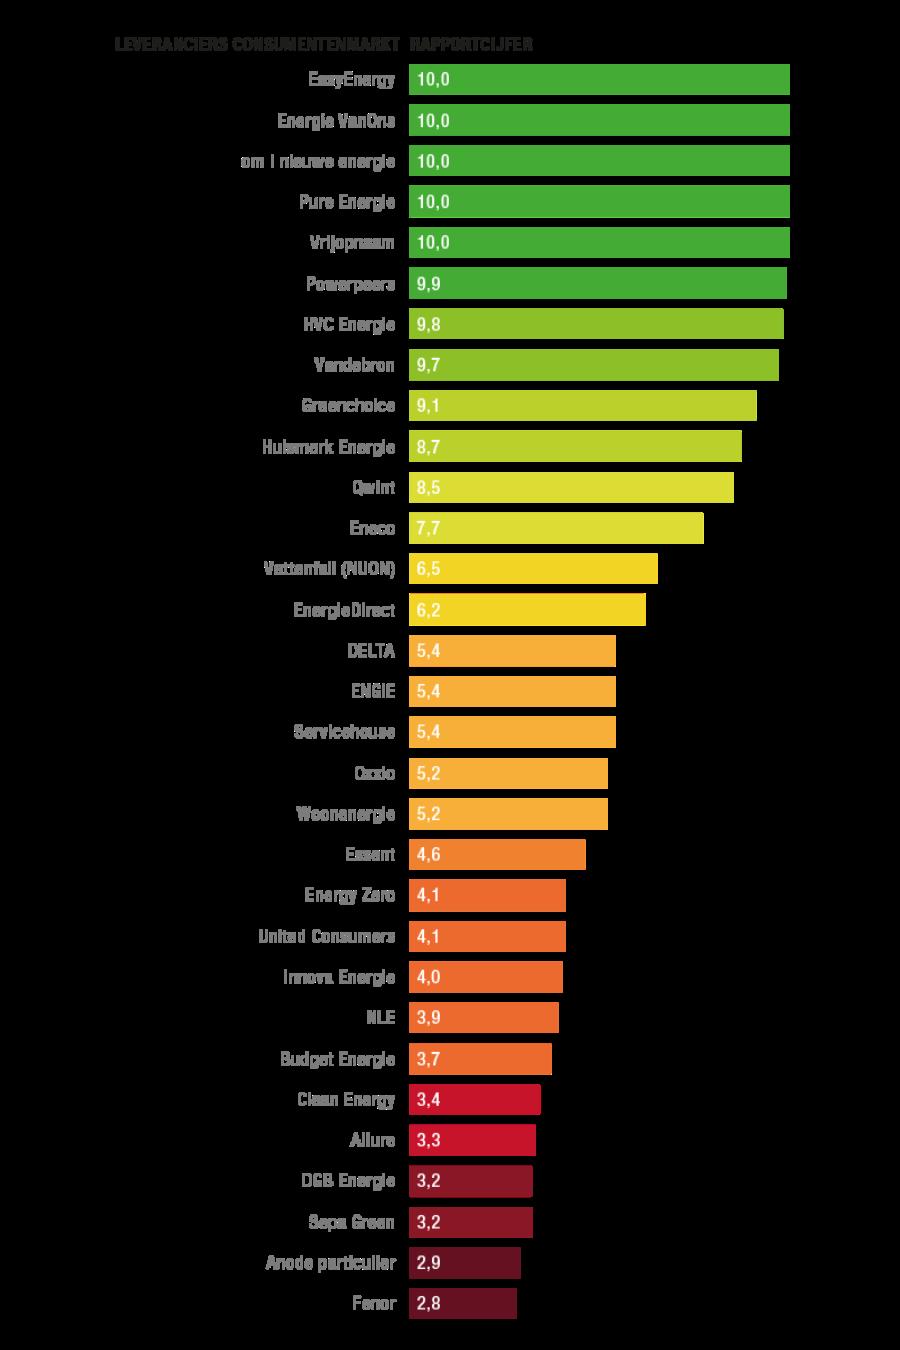 https://www.consumentenbond.nl/binaries/content/gallery/cbhippowebsite/tests/energie-vergelijken/afbeeldingen/duurzaamheid-ranking-consument-v2.png/duurzaamheid-ranking-consument-v2.png/cbhippowebsite%3Aplcl